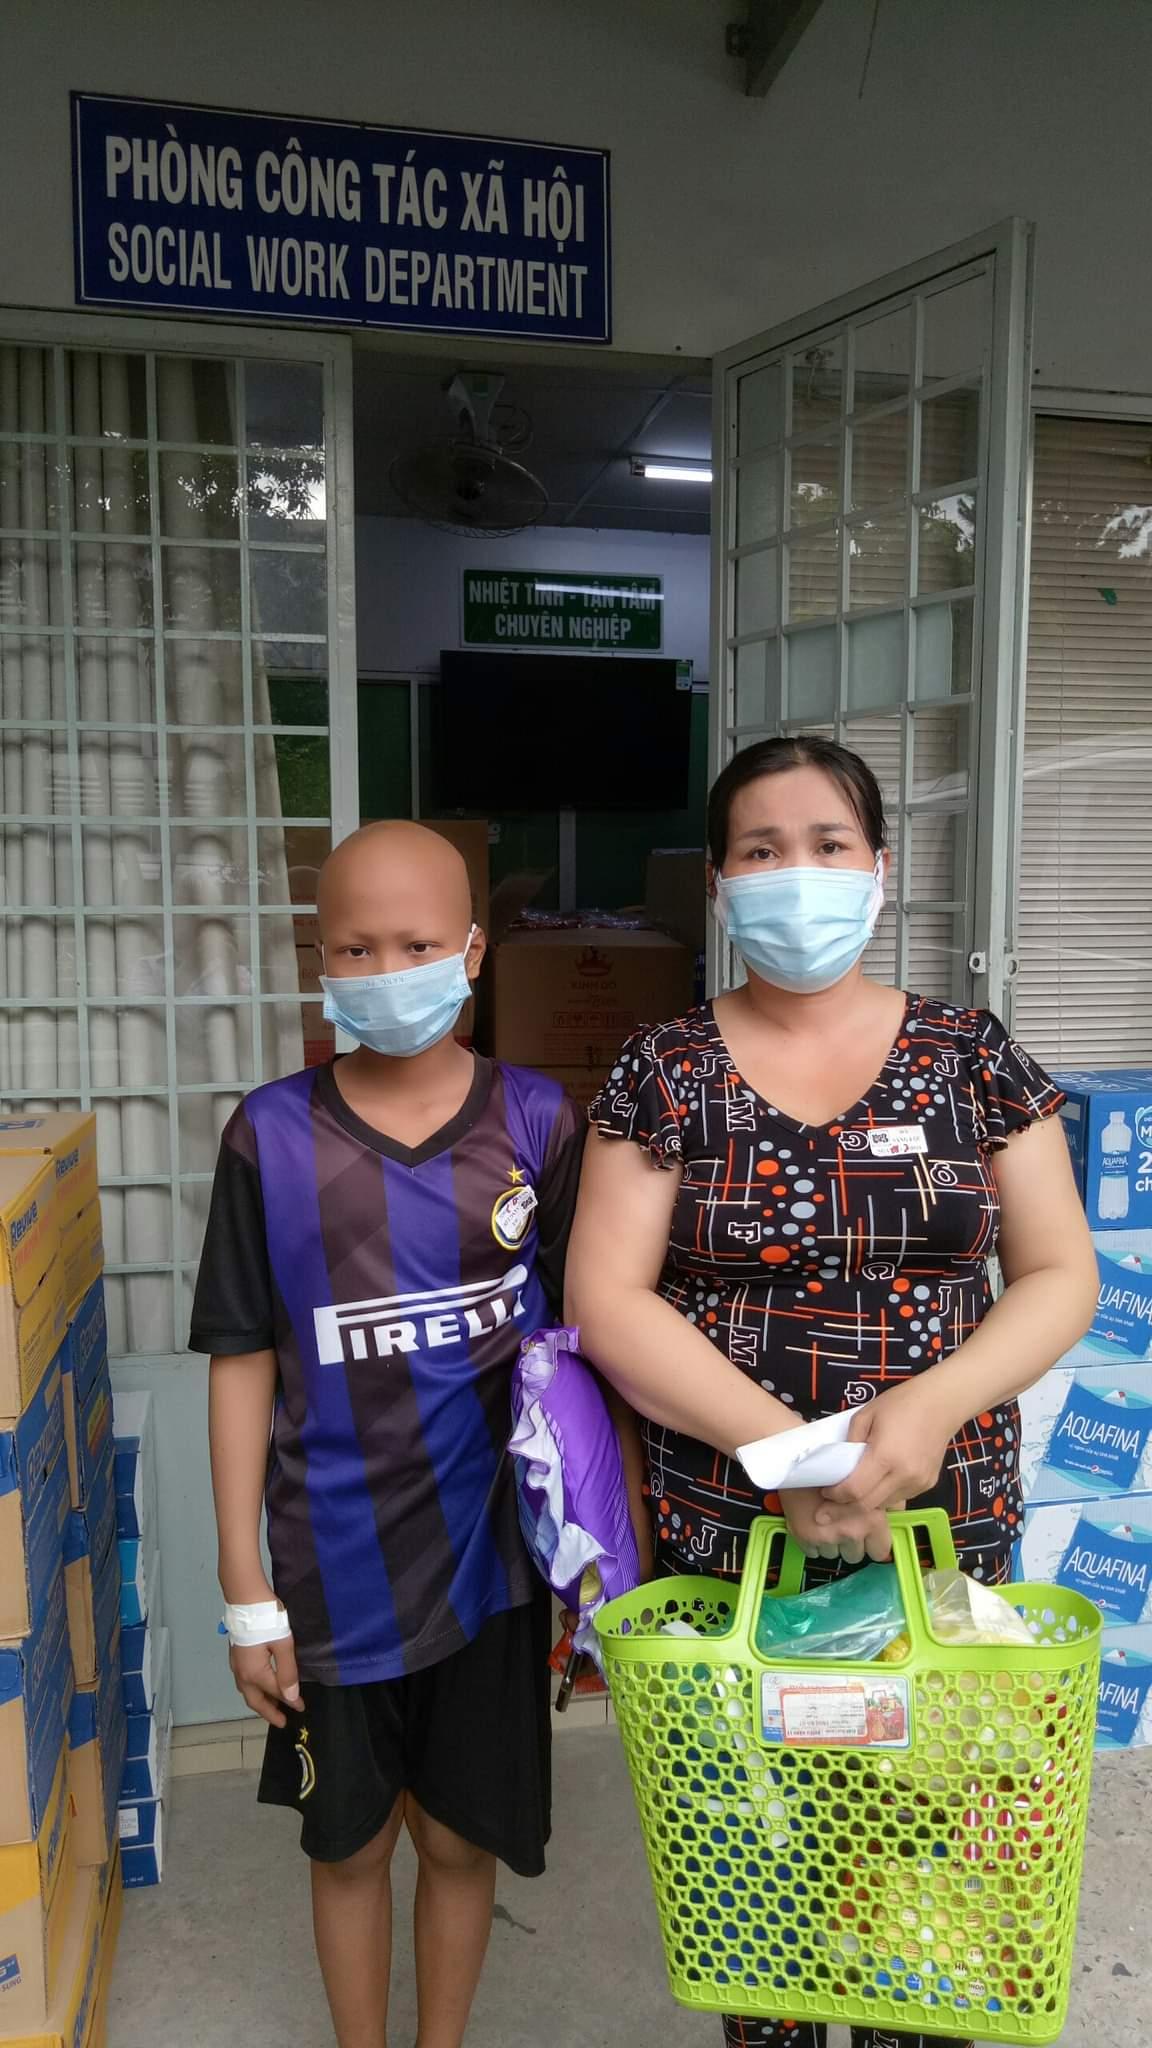 Chiều ngày 28/7, chị Vân đến cầu cứu phòng công tác xã hội để nhờ giúp đỡ vì không xoay sở được tiền viện phí.  Ảnh: Nhân vật cung cấp.